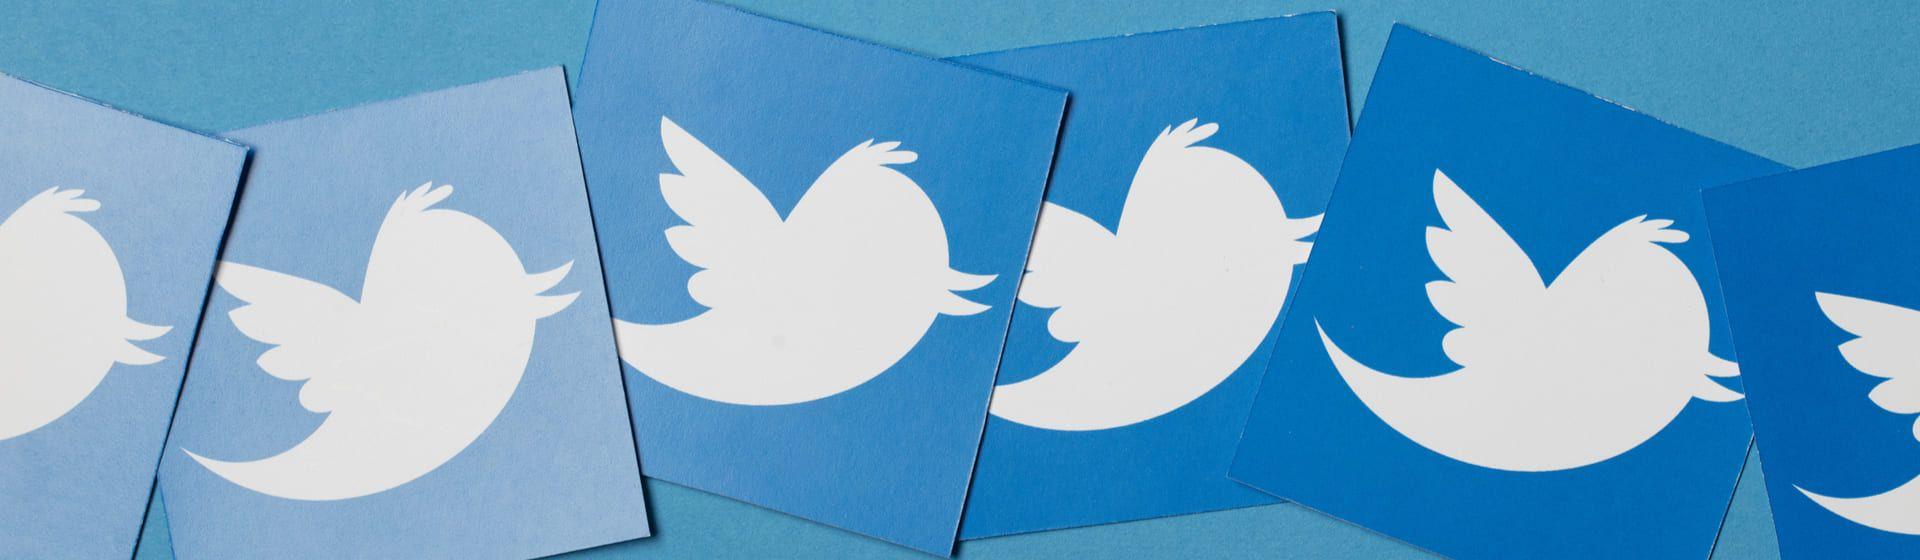 Como mudar o @ do Twitter